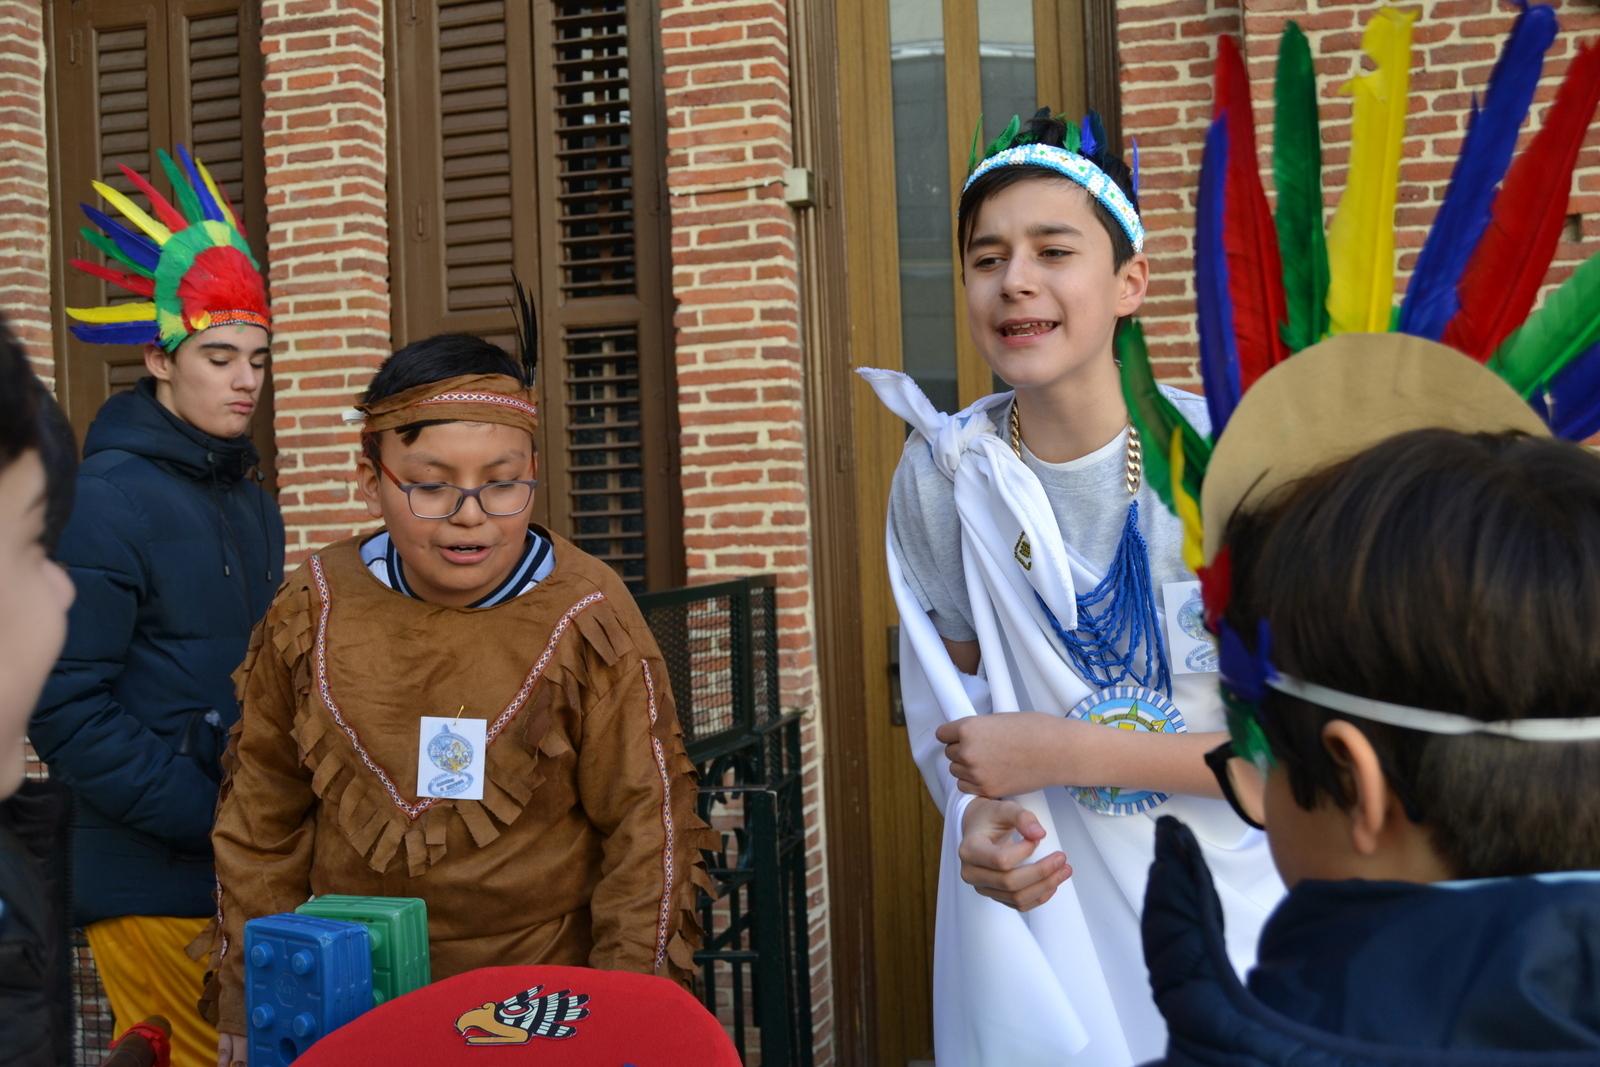 Jornadas Culturales y Depoortivas 2018 Exposiciones 1 44